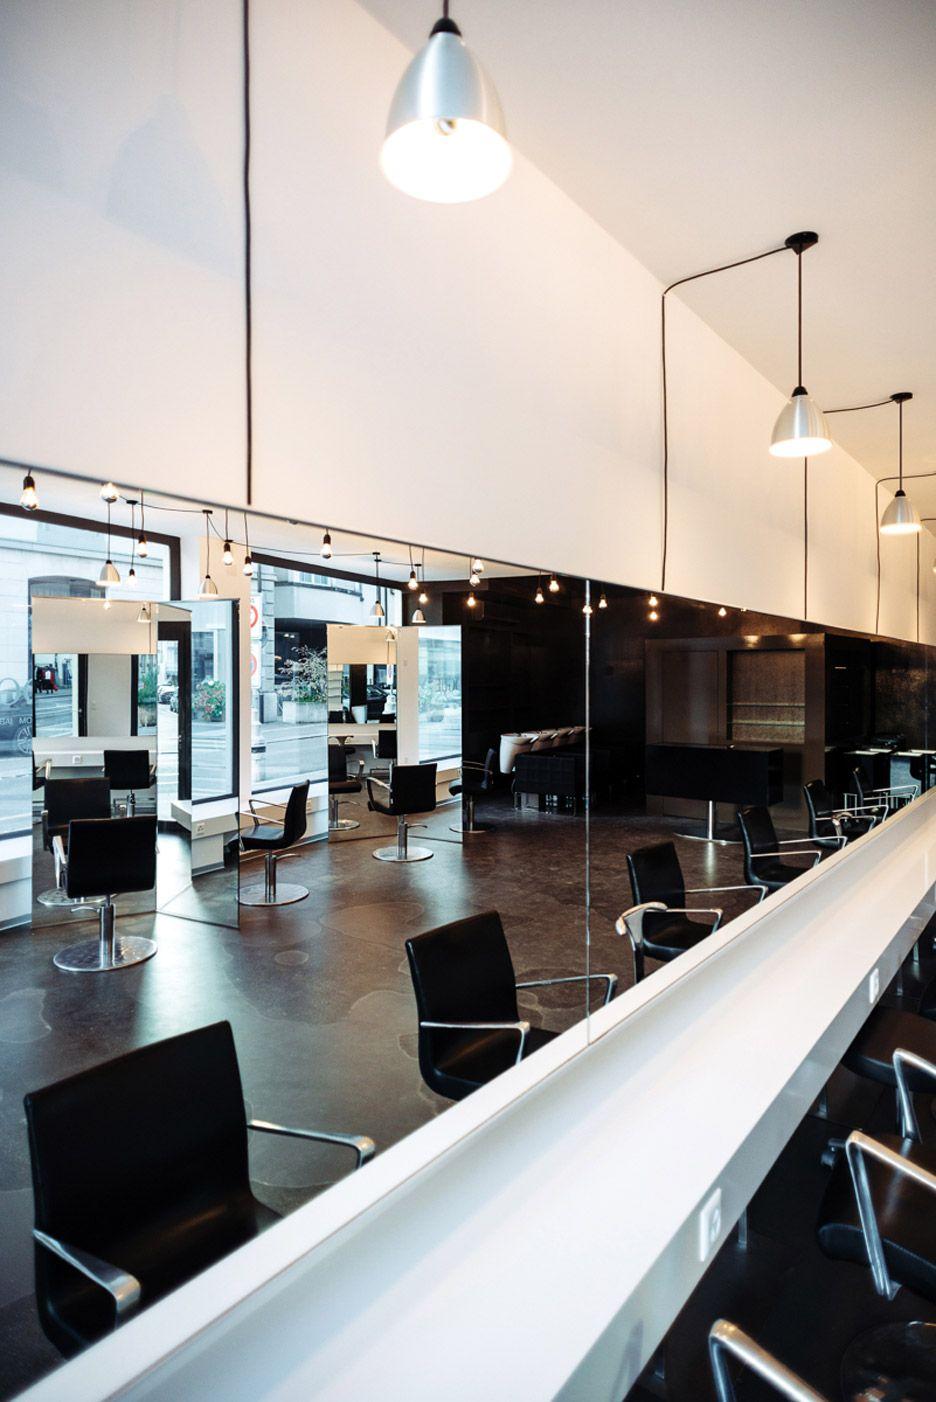 Barbershop seefeldstrasse by w lser bechtel architekten salon interior design ideas in 2019 for Salon interior design software